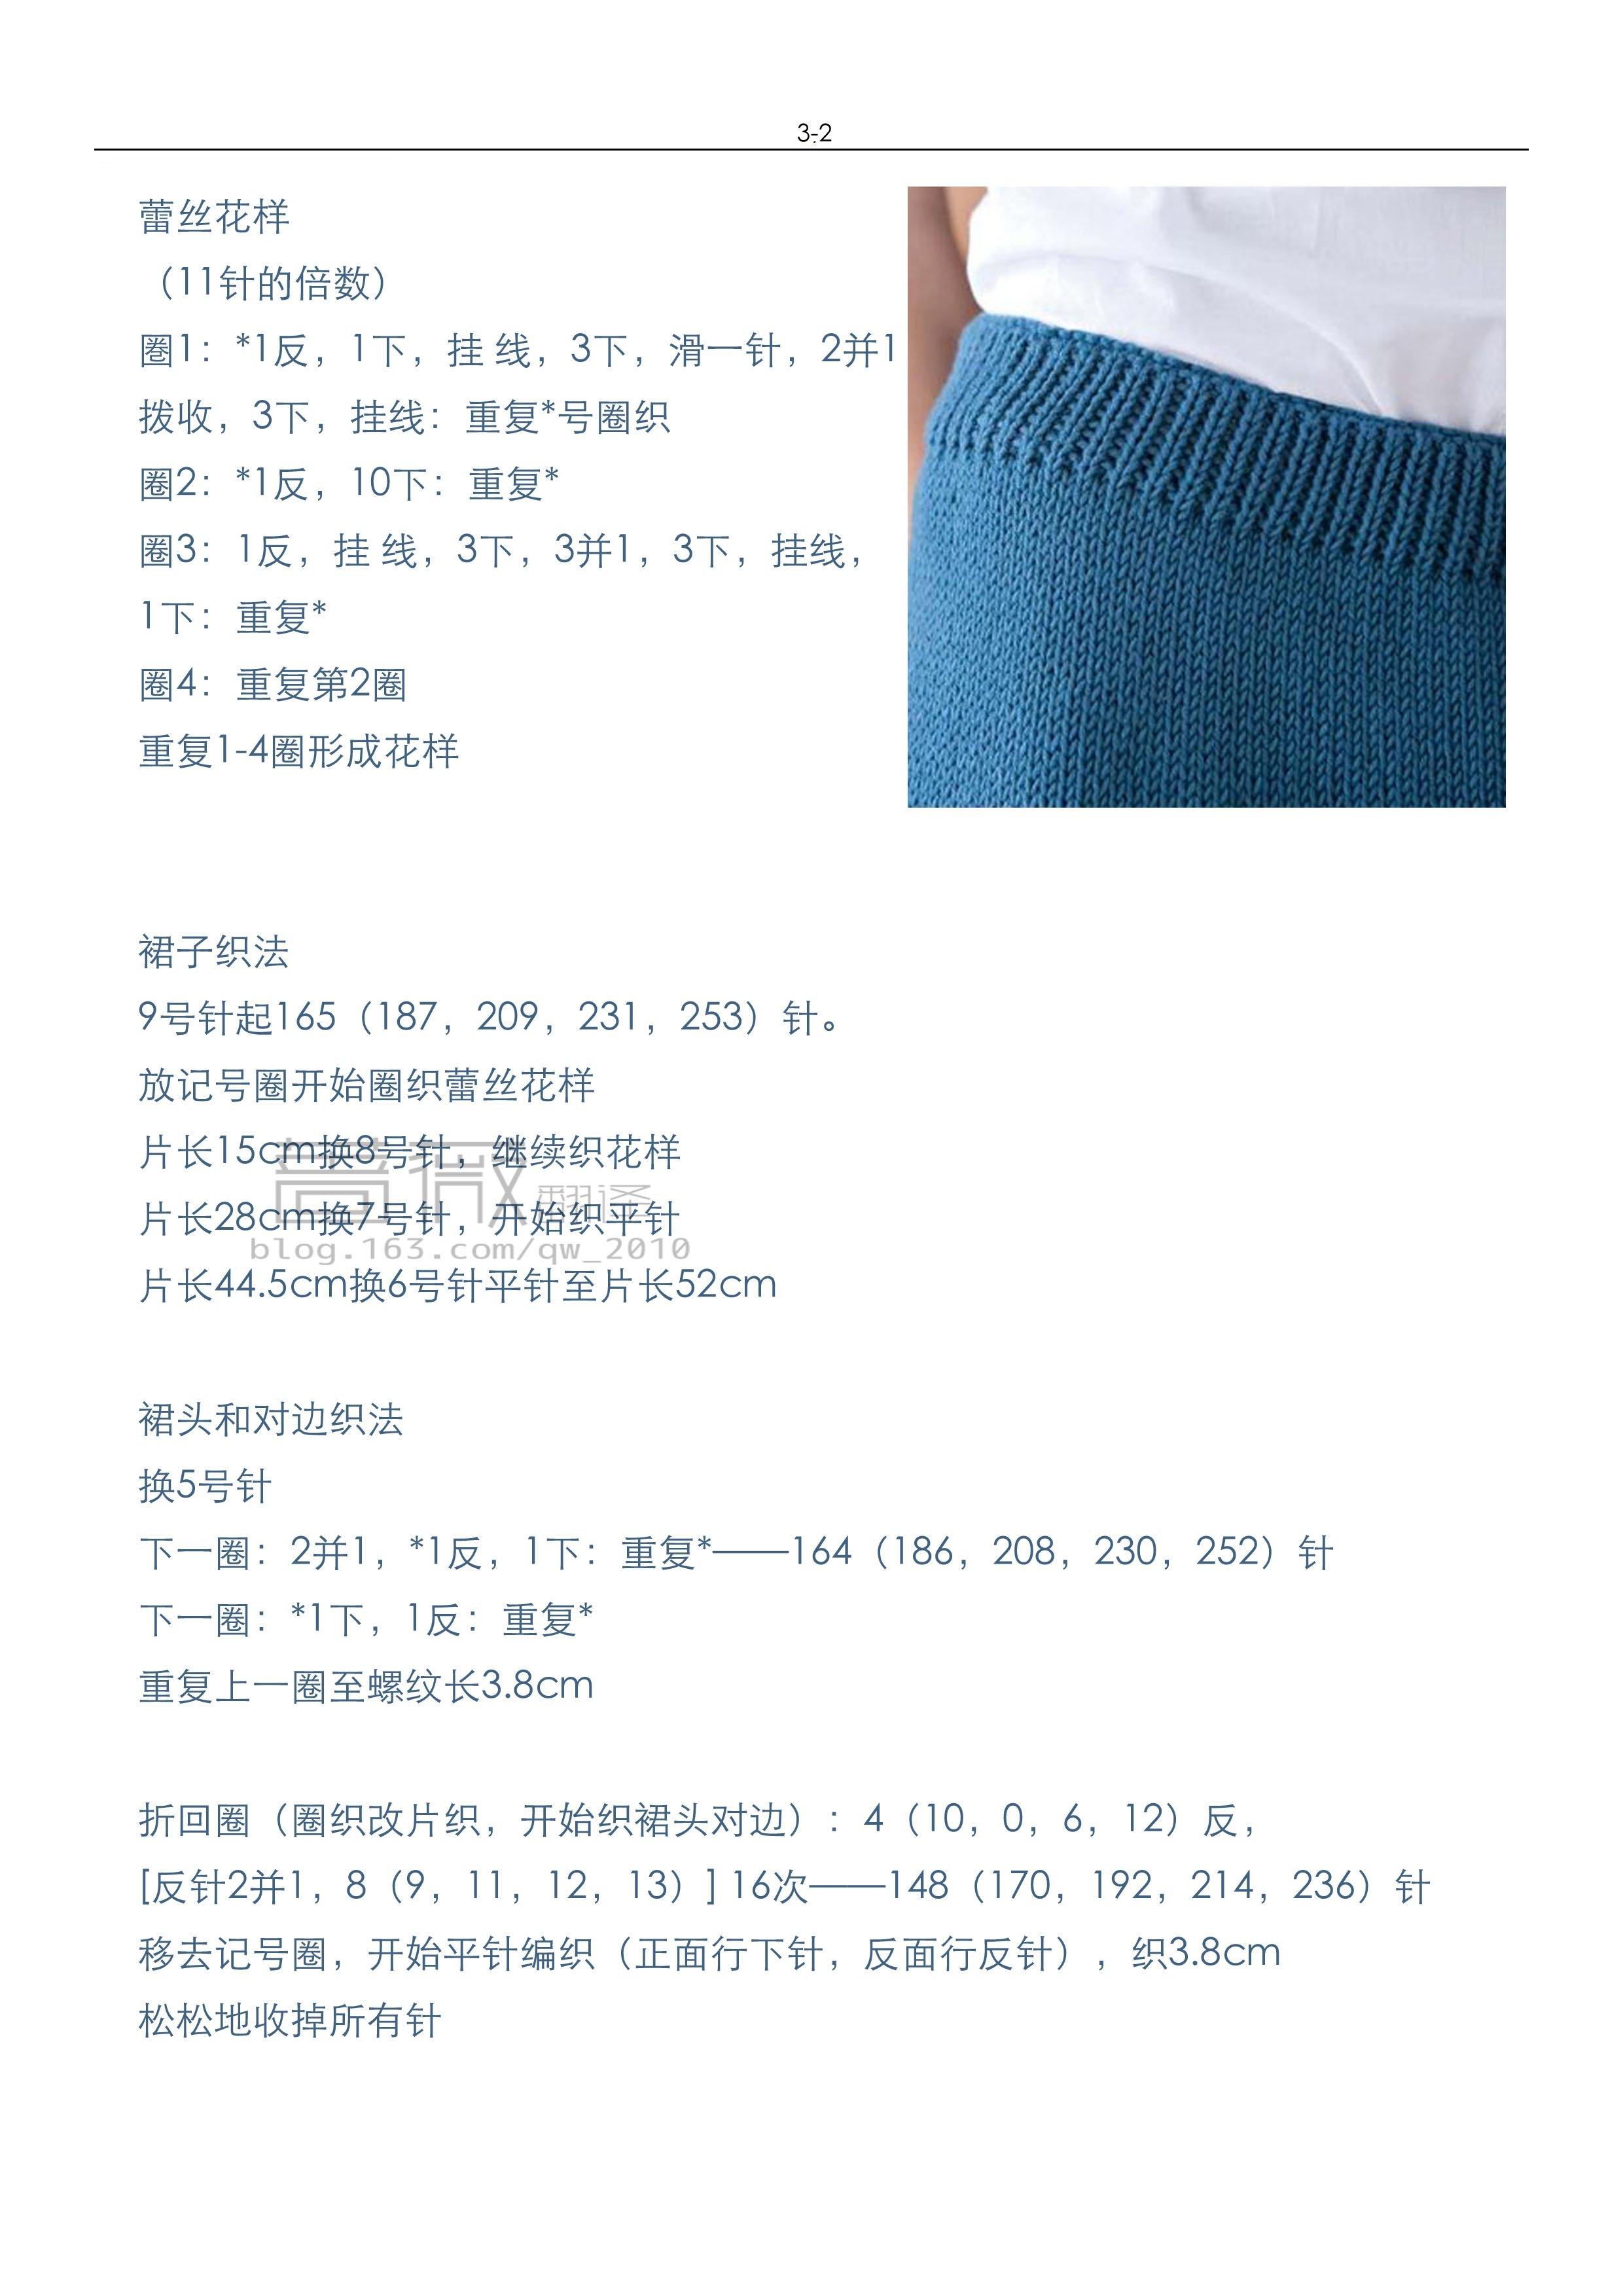 夏至译文3-2.jpg